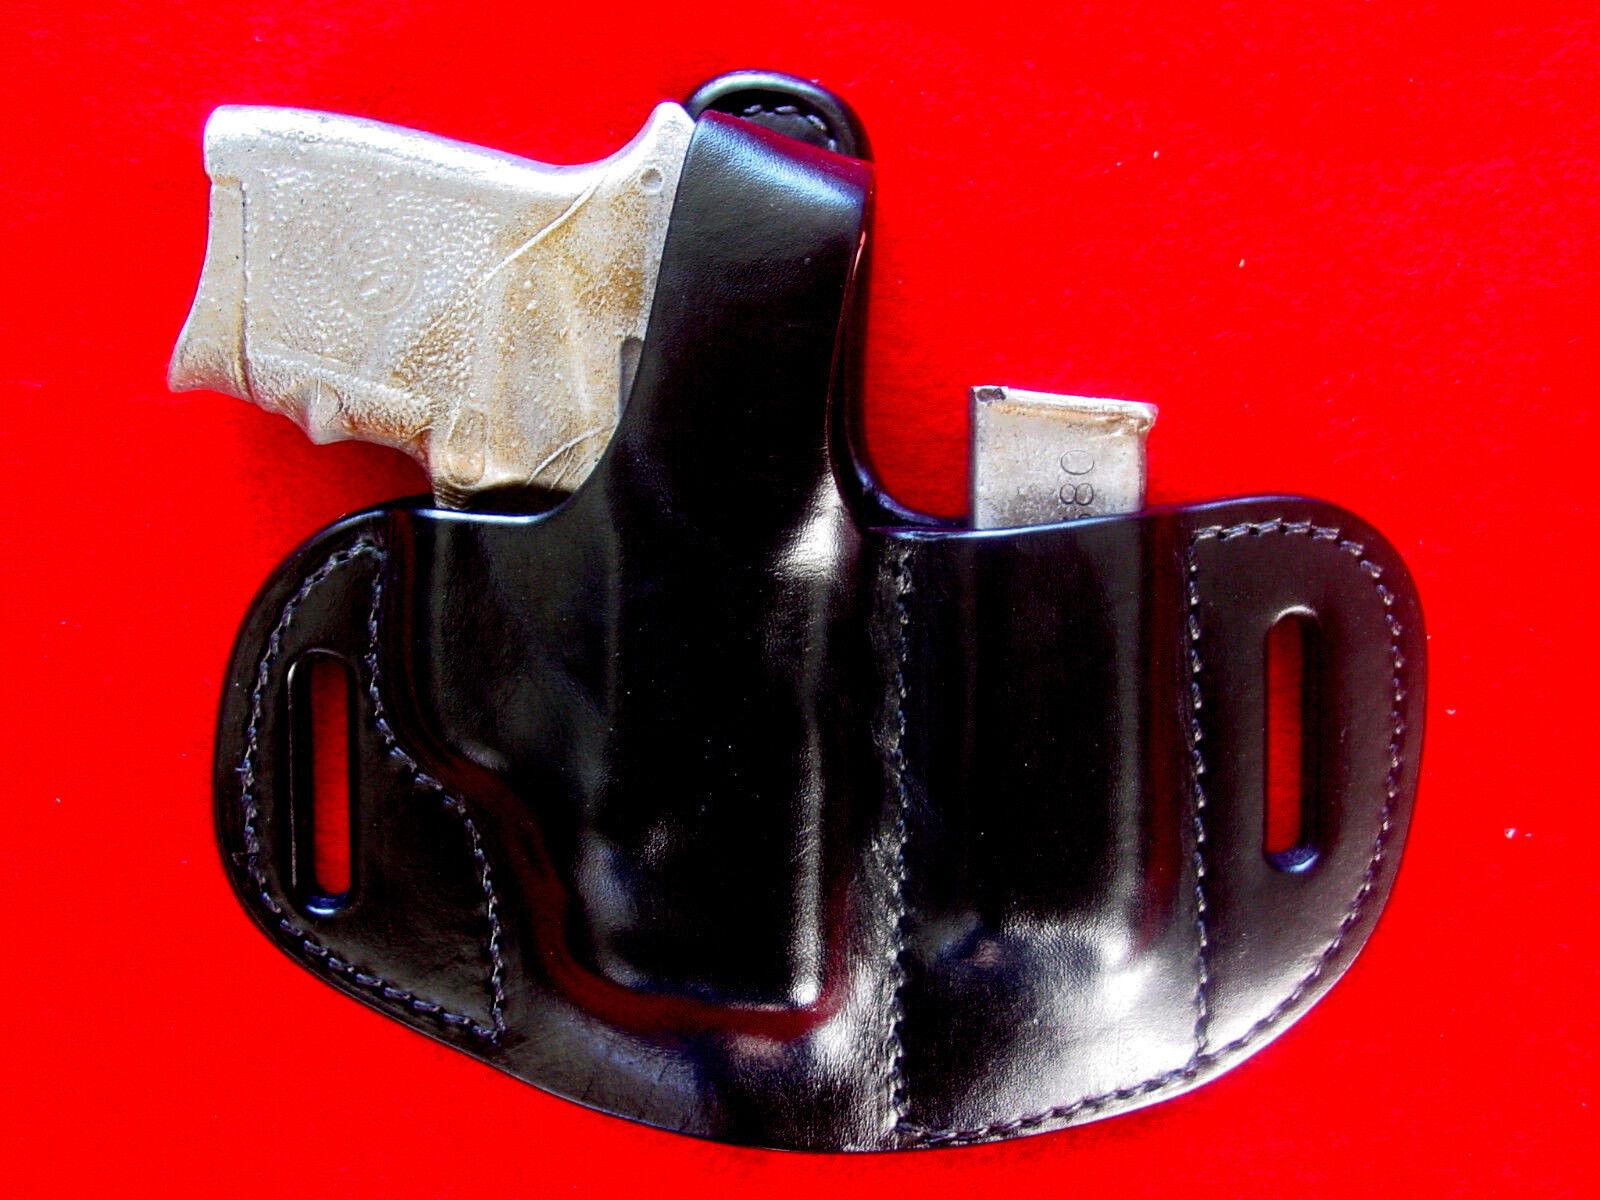 Smith & Wesson Projoector del cuerpo 380 + Soporte Negro Cuero de la revista